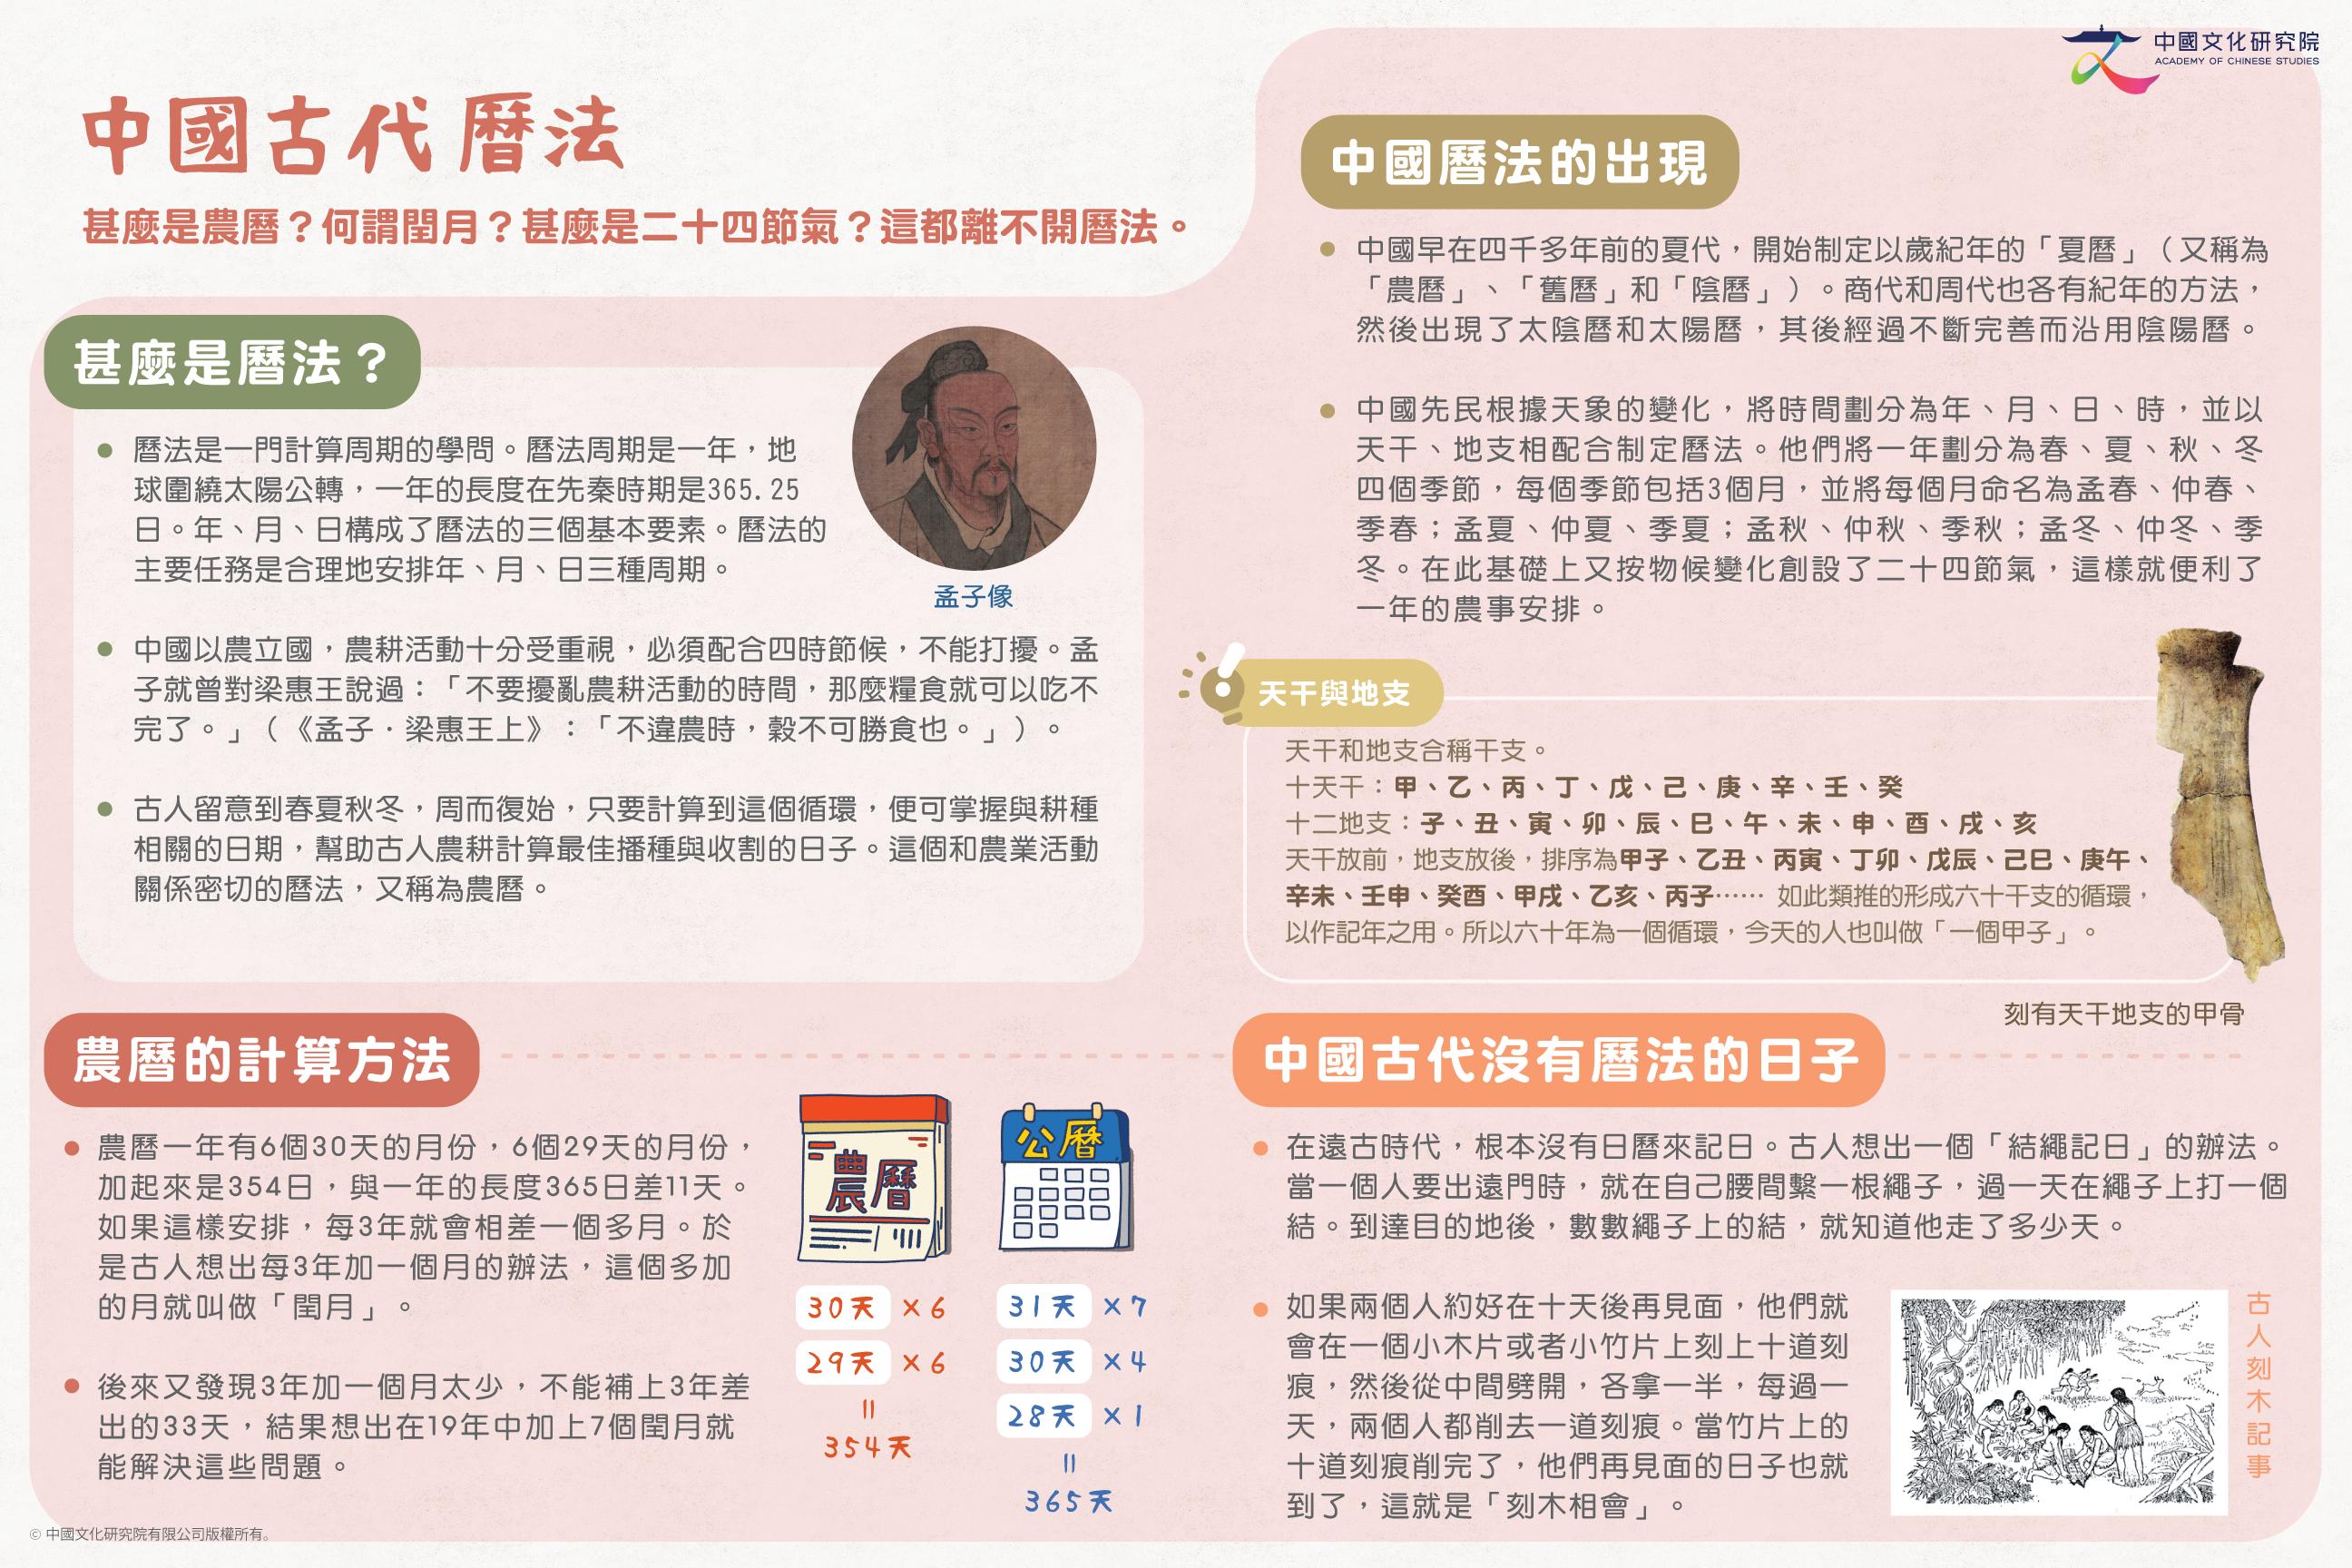 中國古代曆法與二十四節氣-01_0921